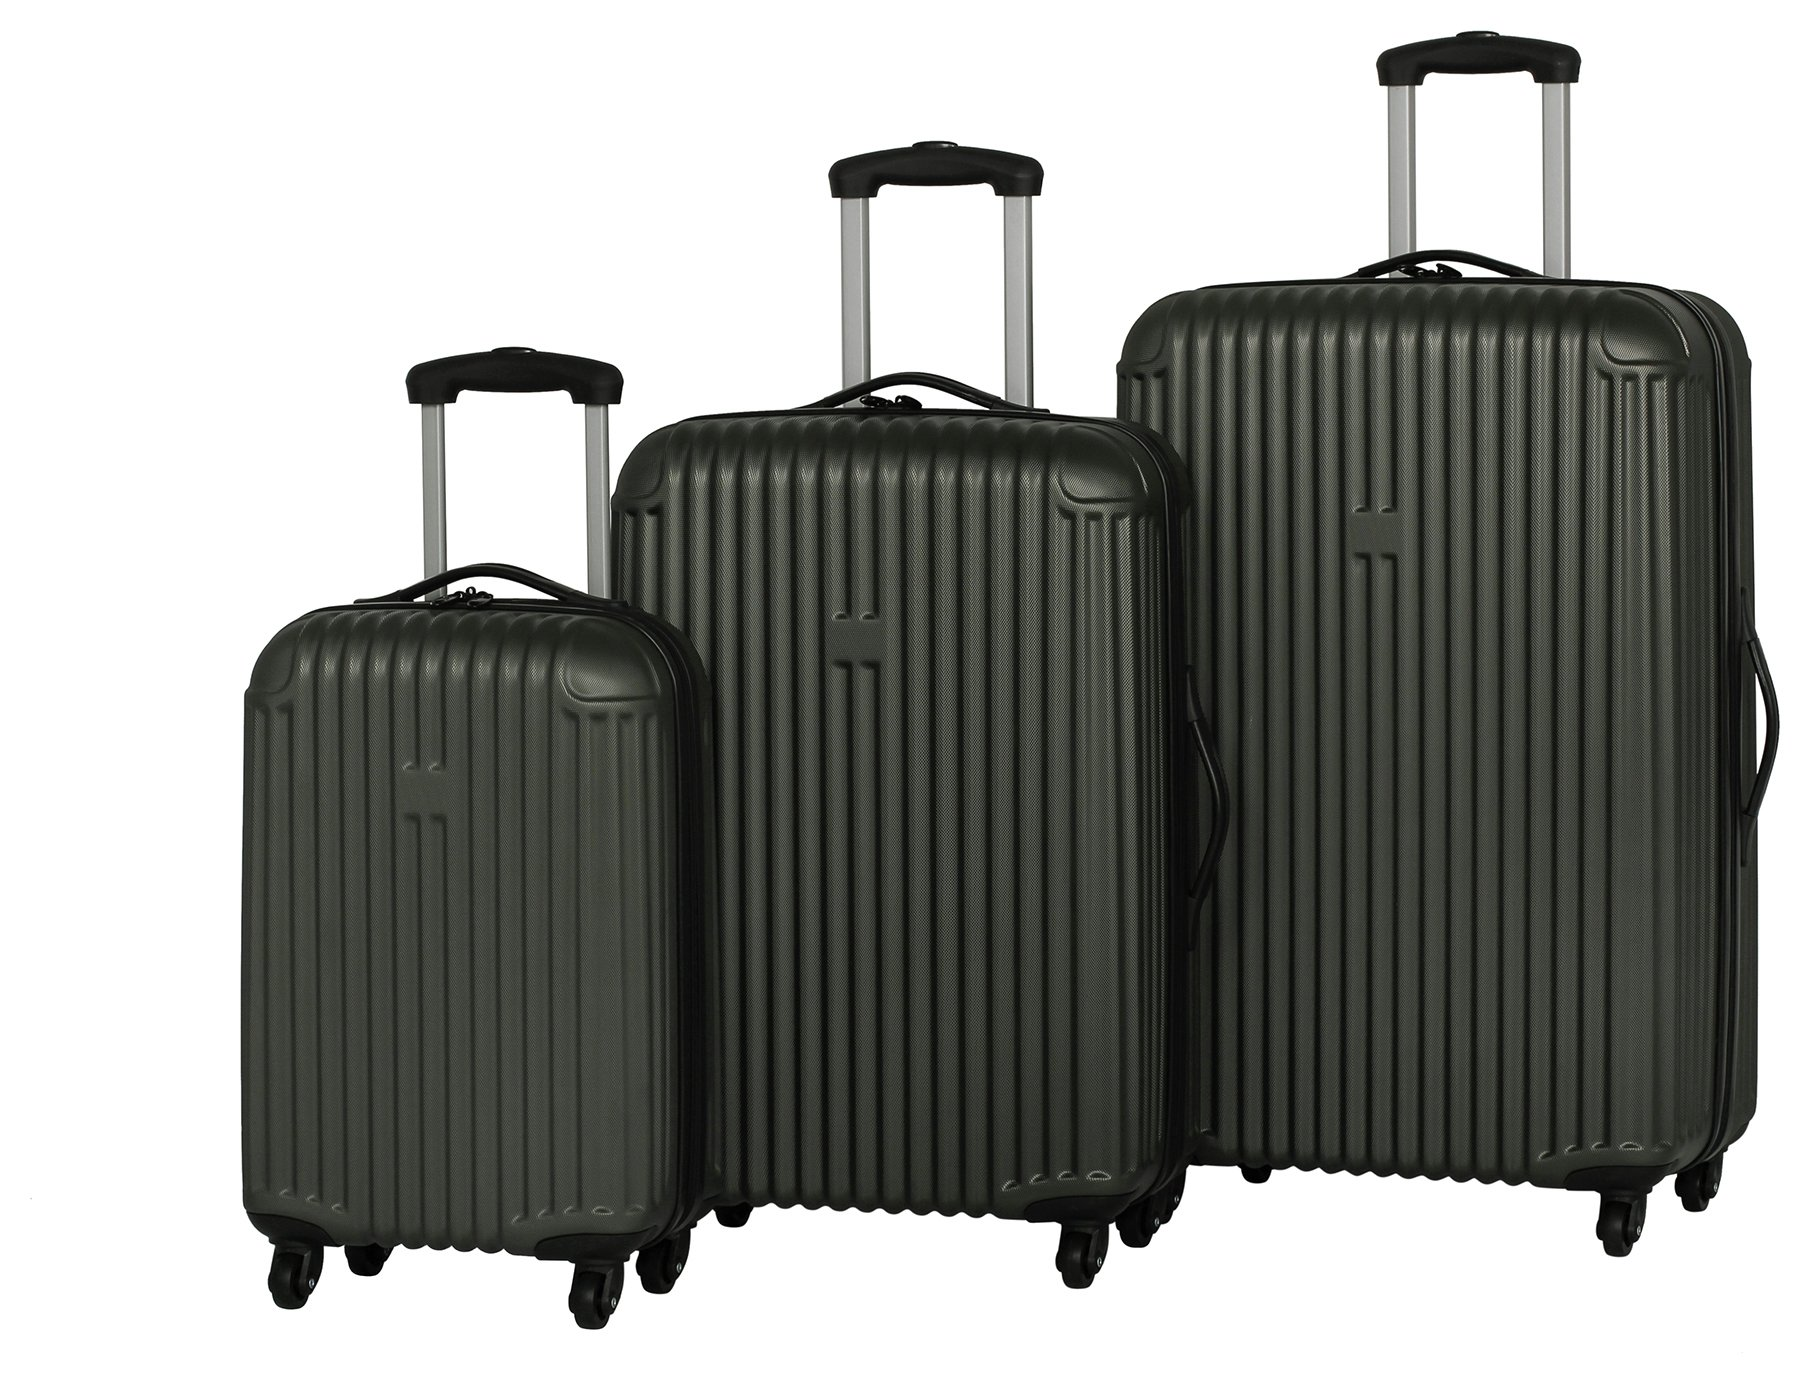 Buy IT Luggage Hard 4 Wheel Small Suitcase - Grey at Argos.co.uk ...